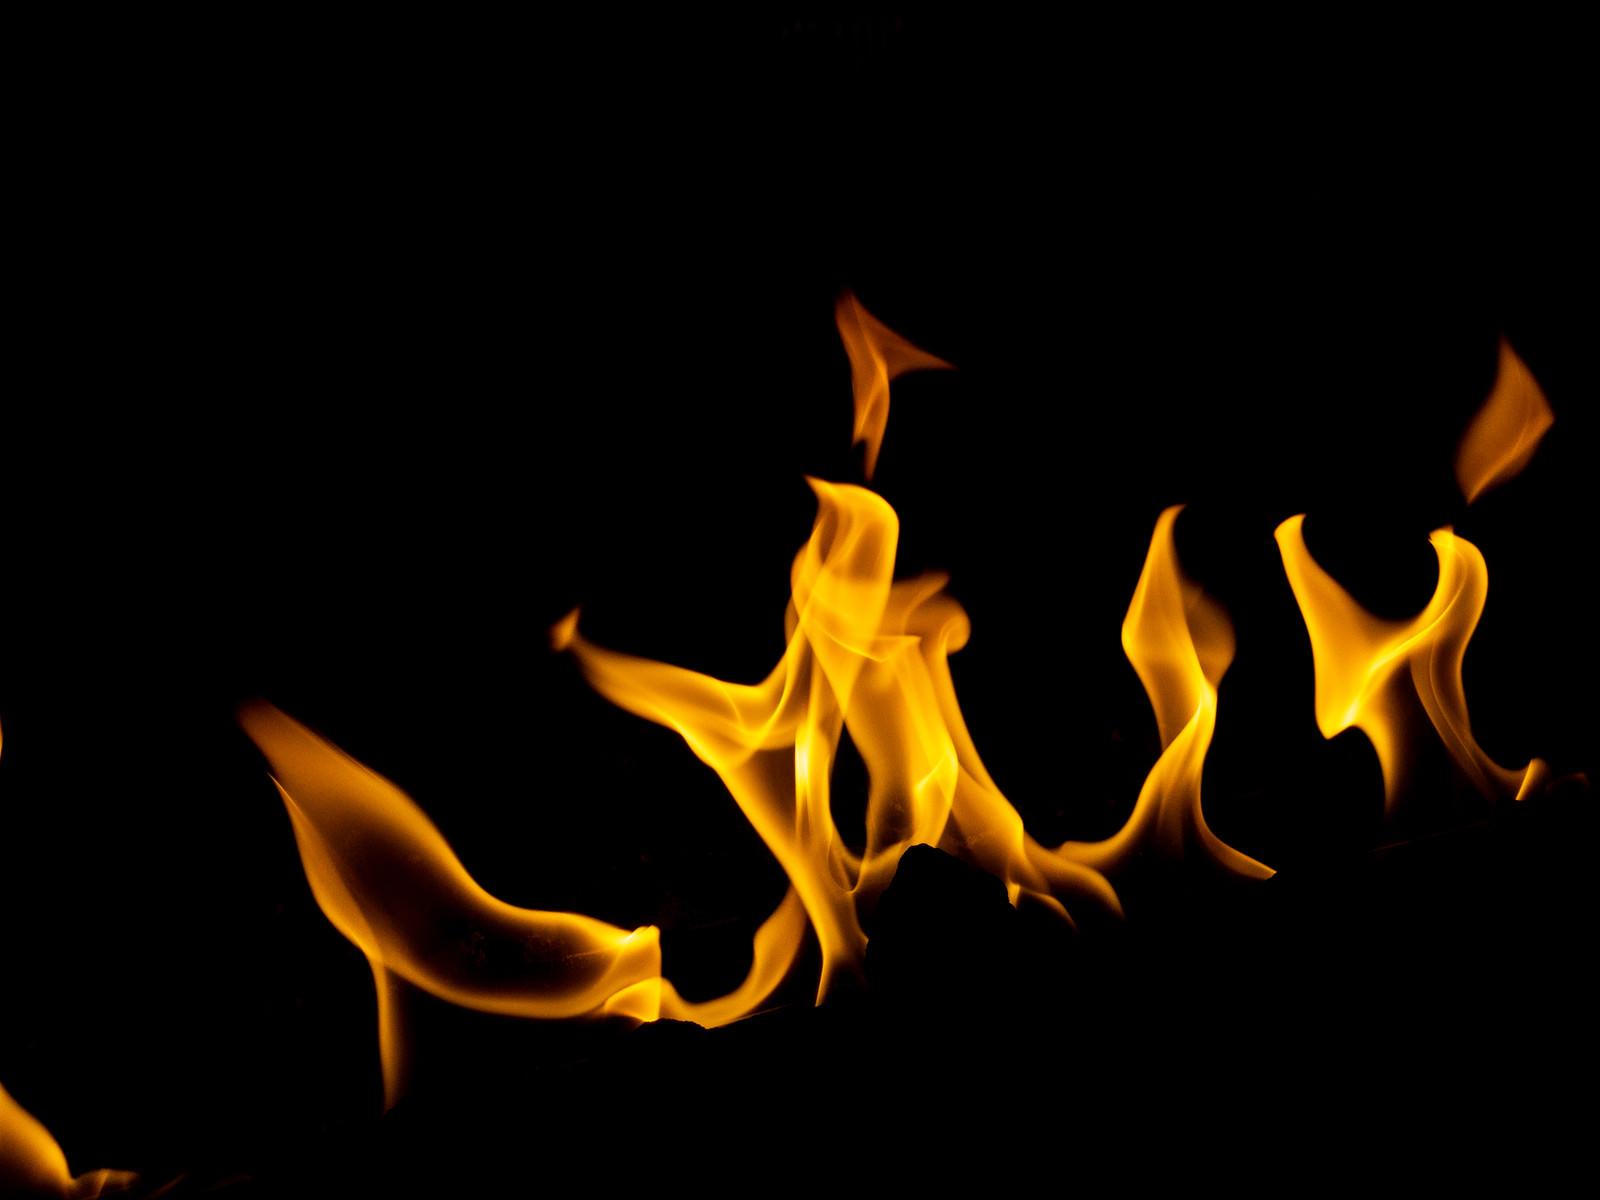 「燃え上がる炎」の写真